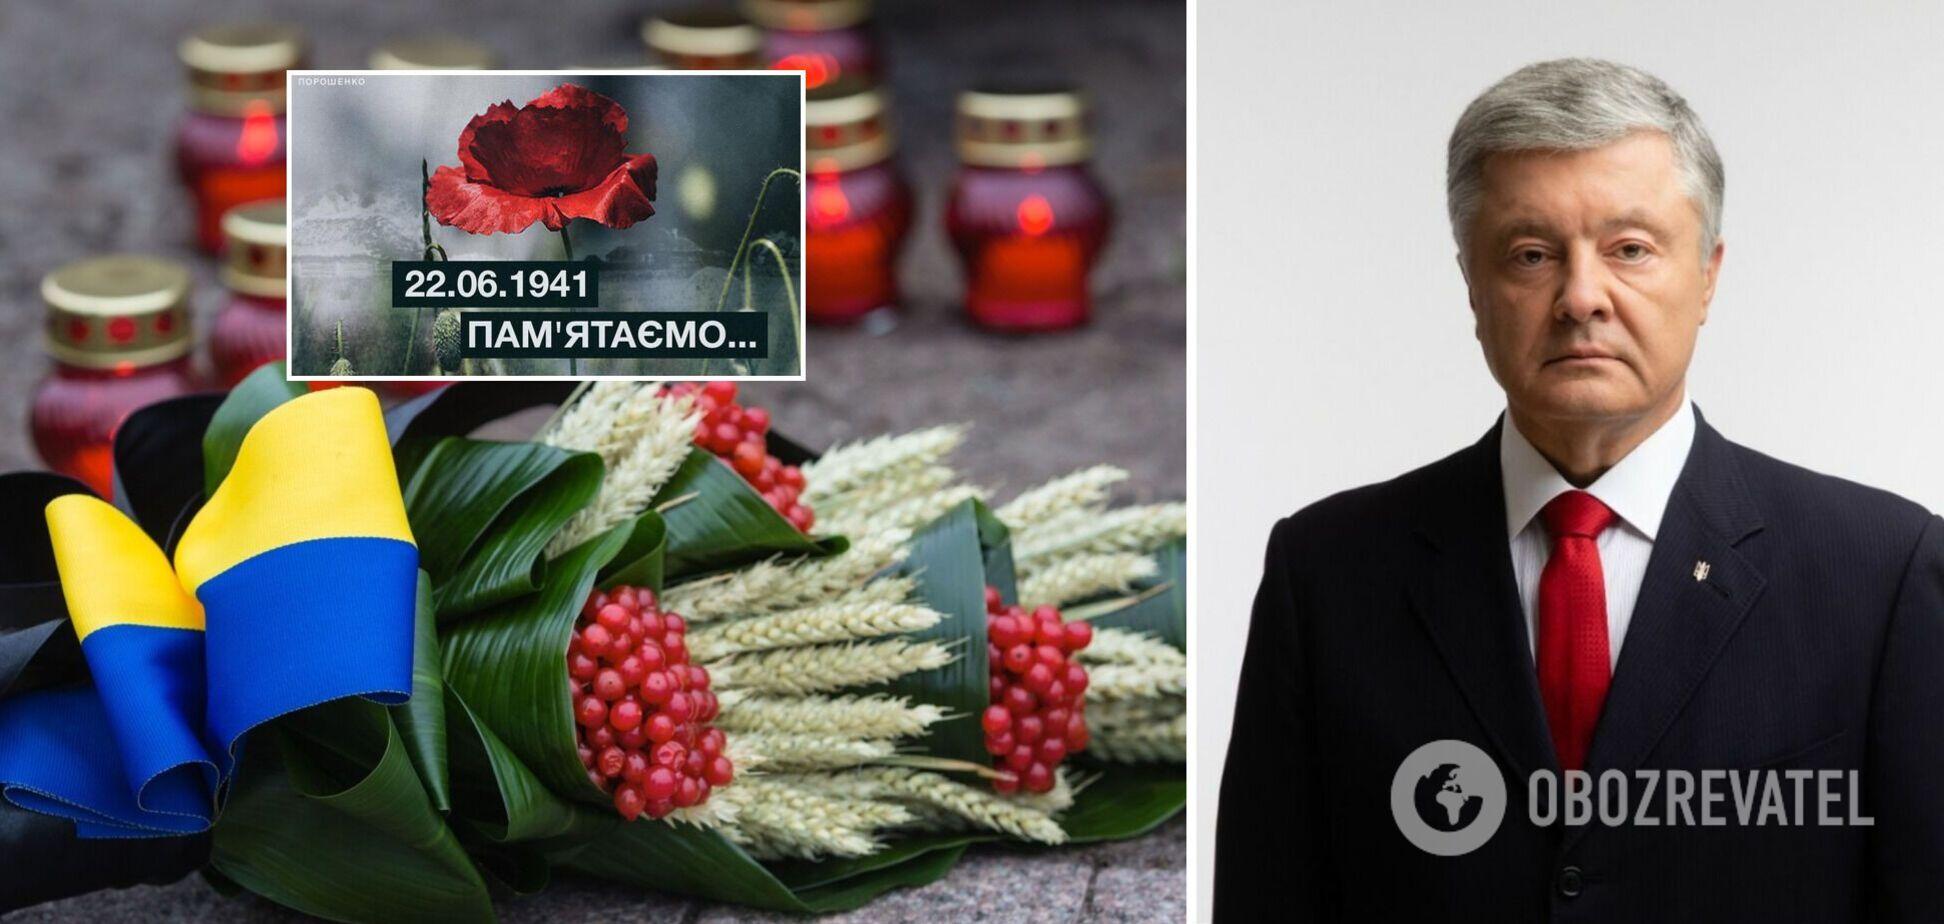 Порошенко вшанував пам'ять жертв Другої світової війни та нагадав про агресіюРосії на Донбасі